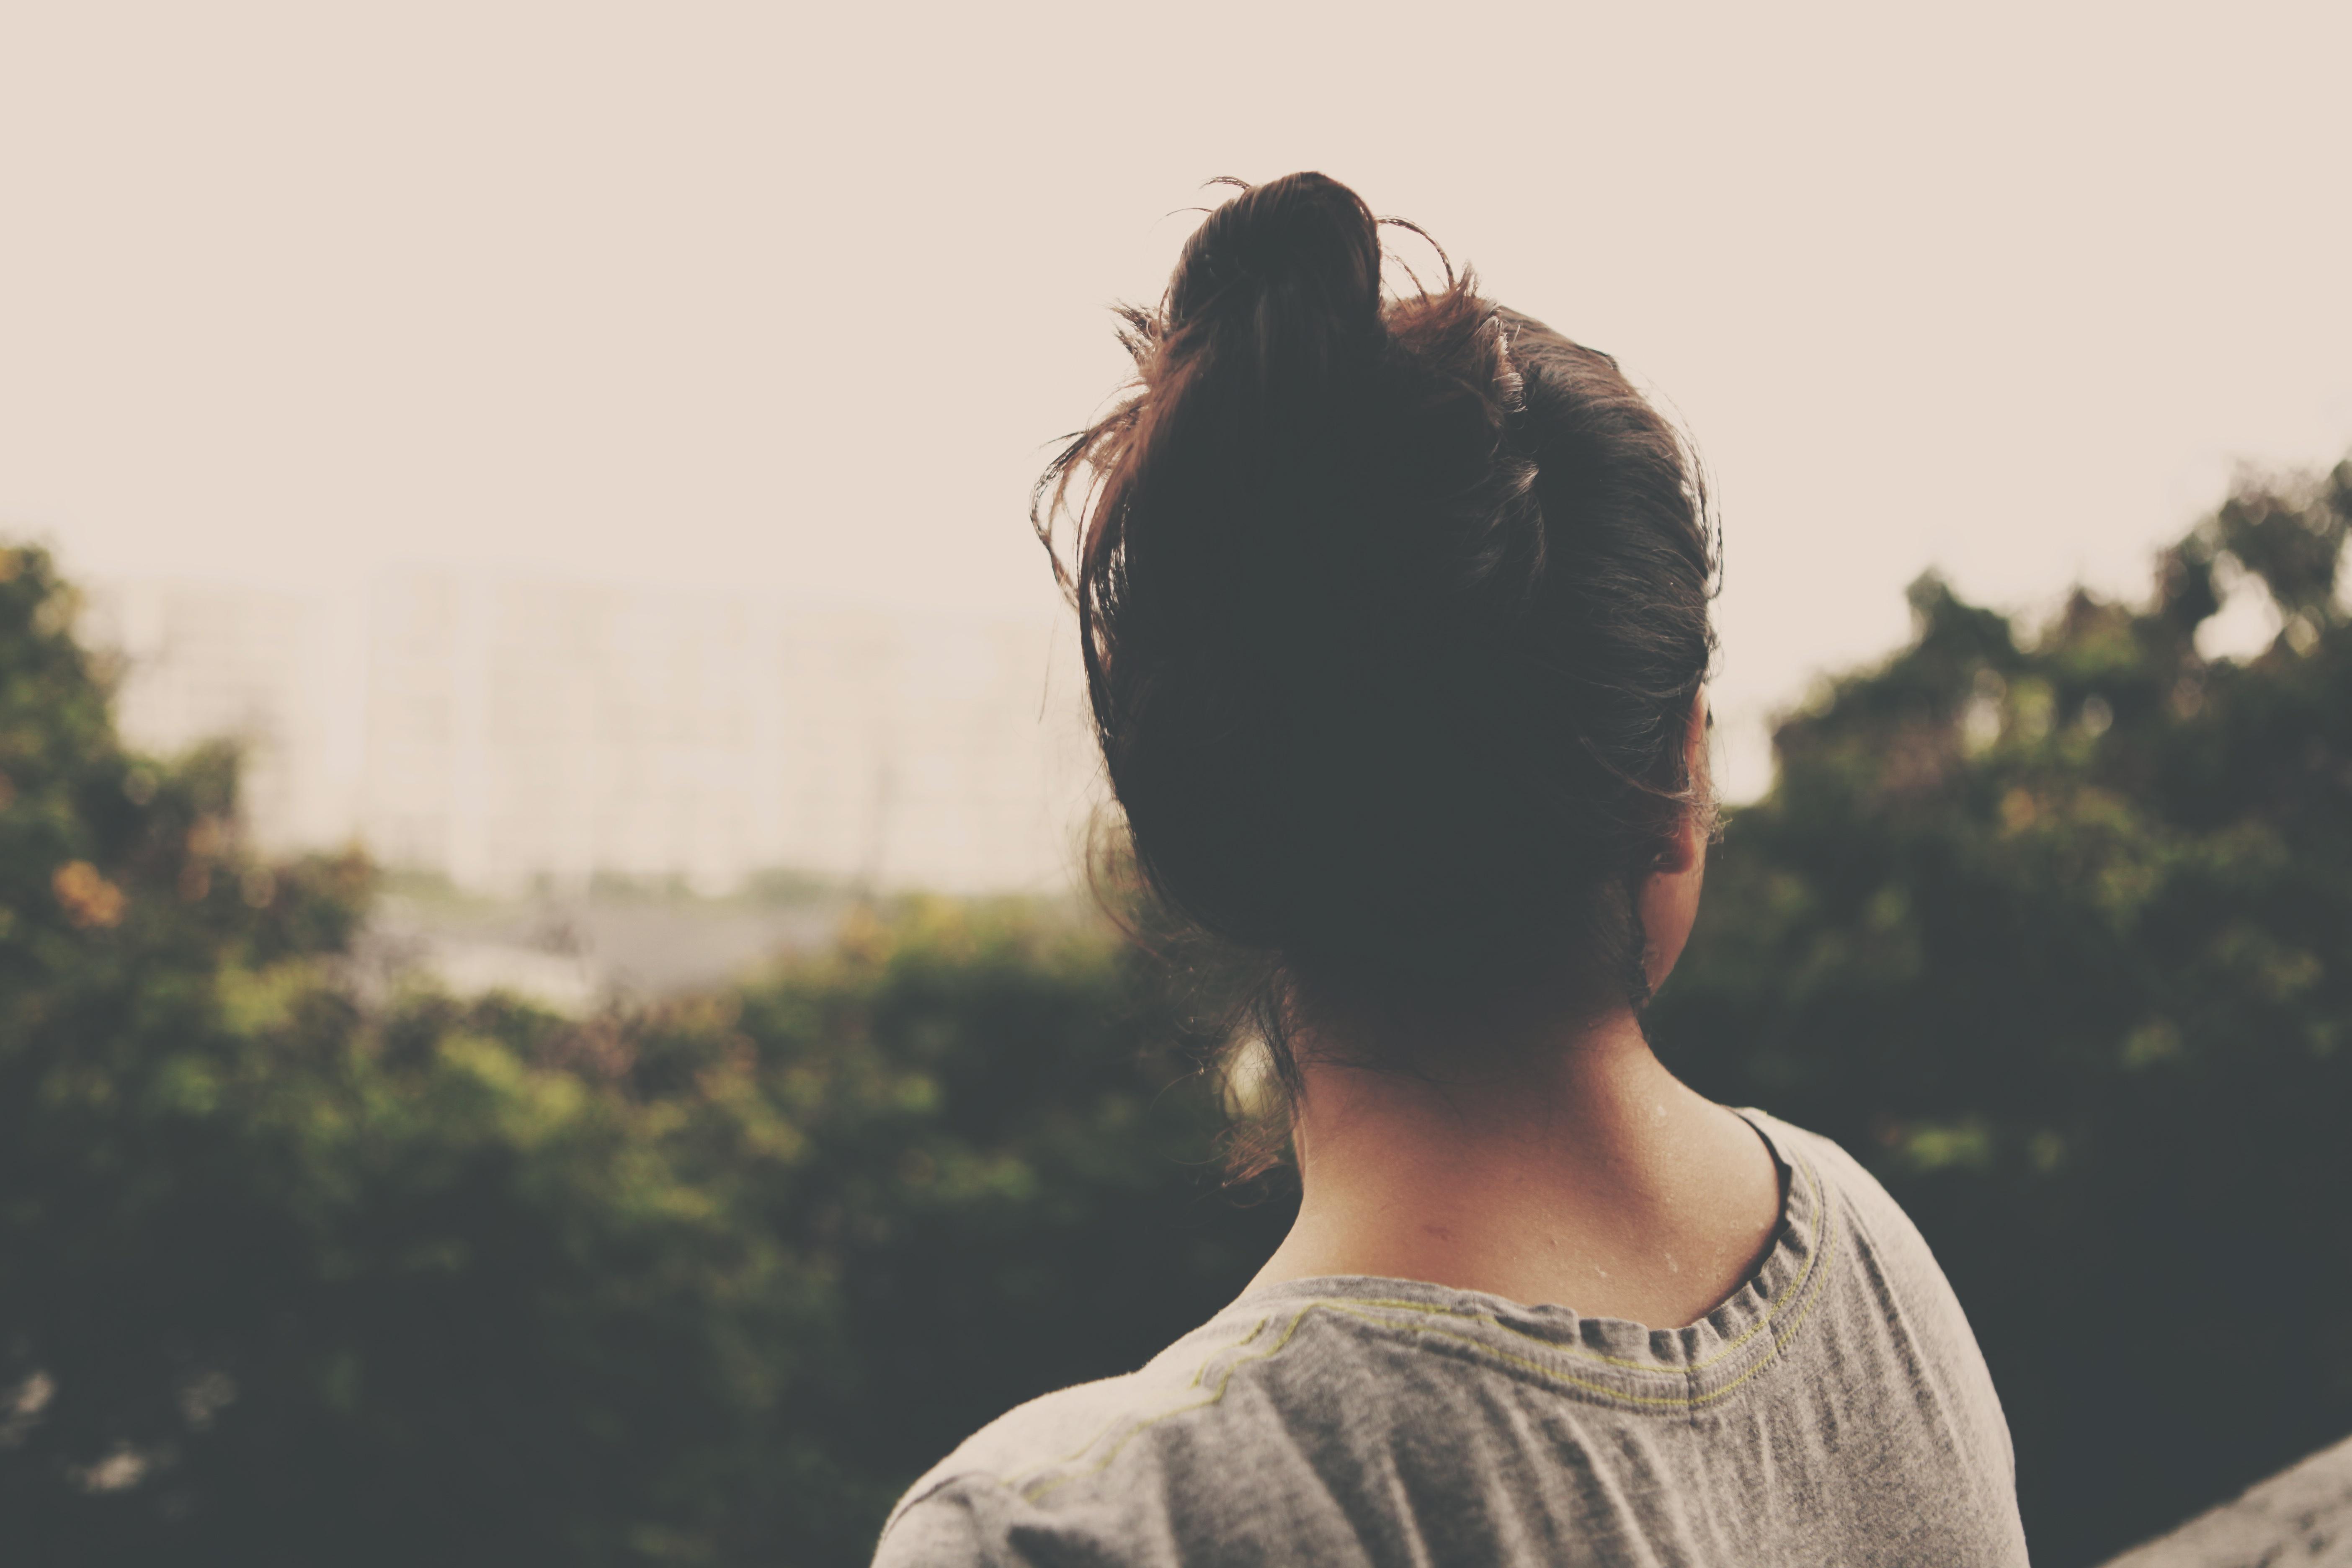 Vitrificación de ovocitos: garantía de fertilidad para mujeres con endometriosis